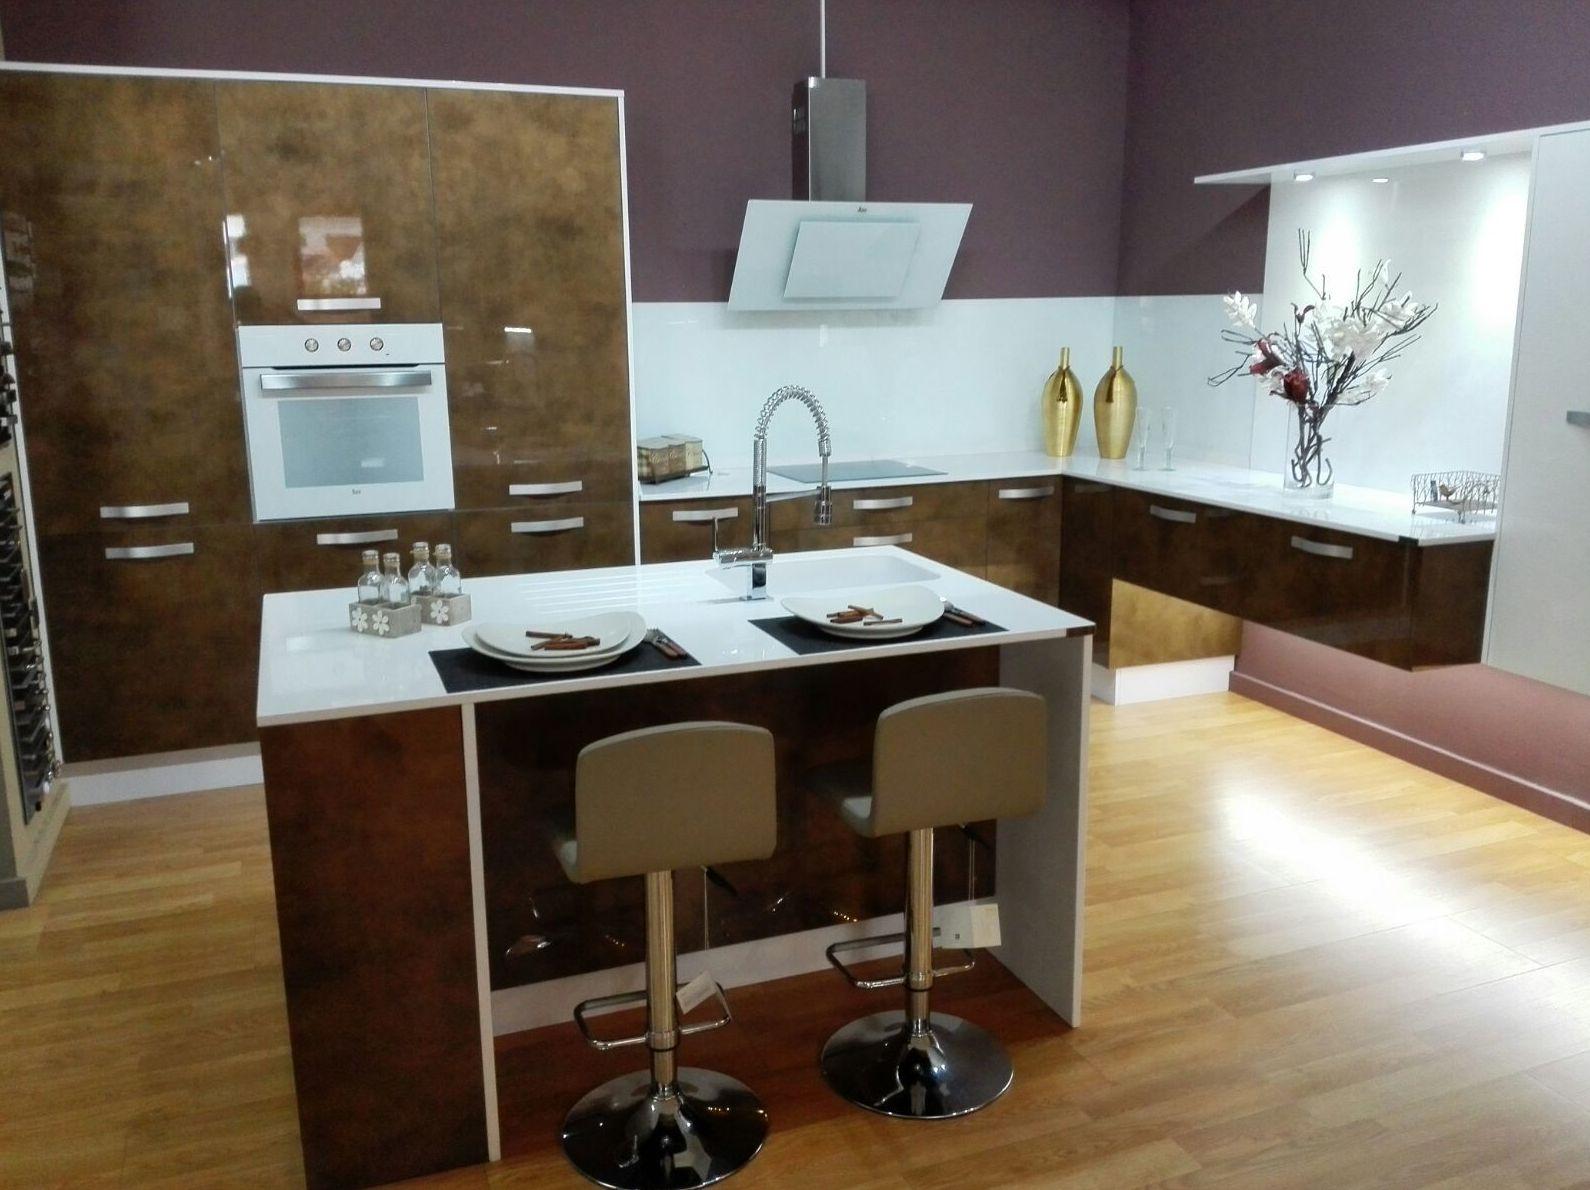 Tiendas De Muebles En Santa Cruz De Tenerife Stunning Muebles De  # Muebles Tacoronte